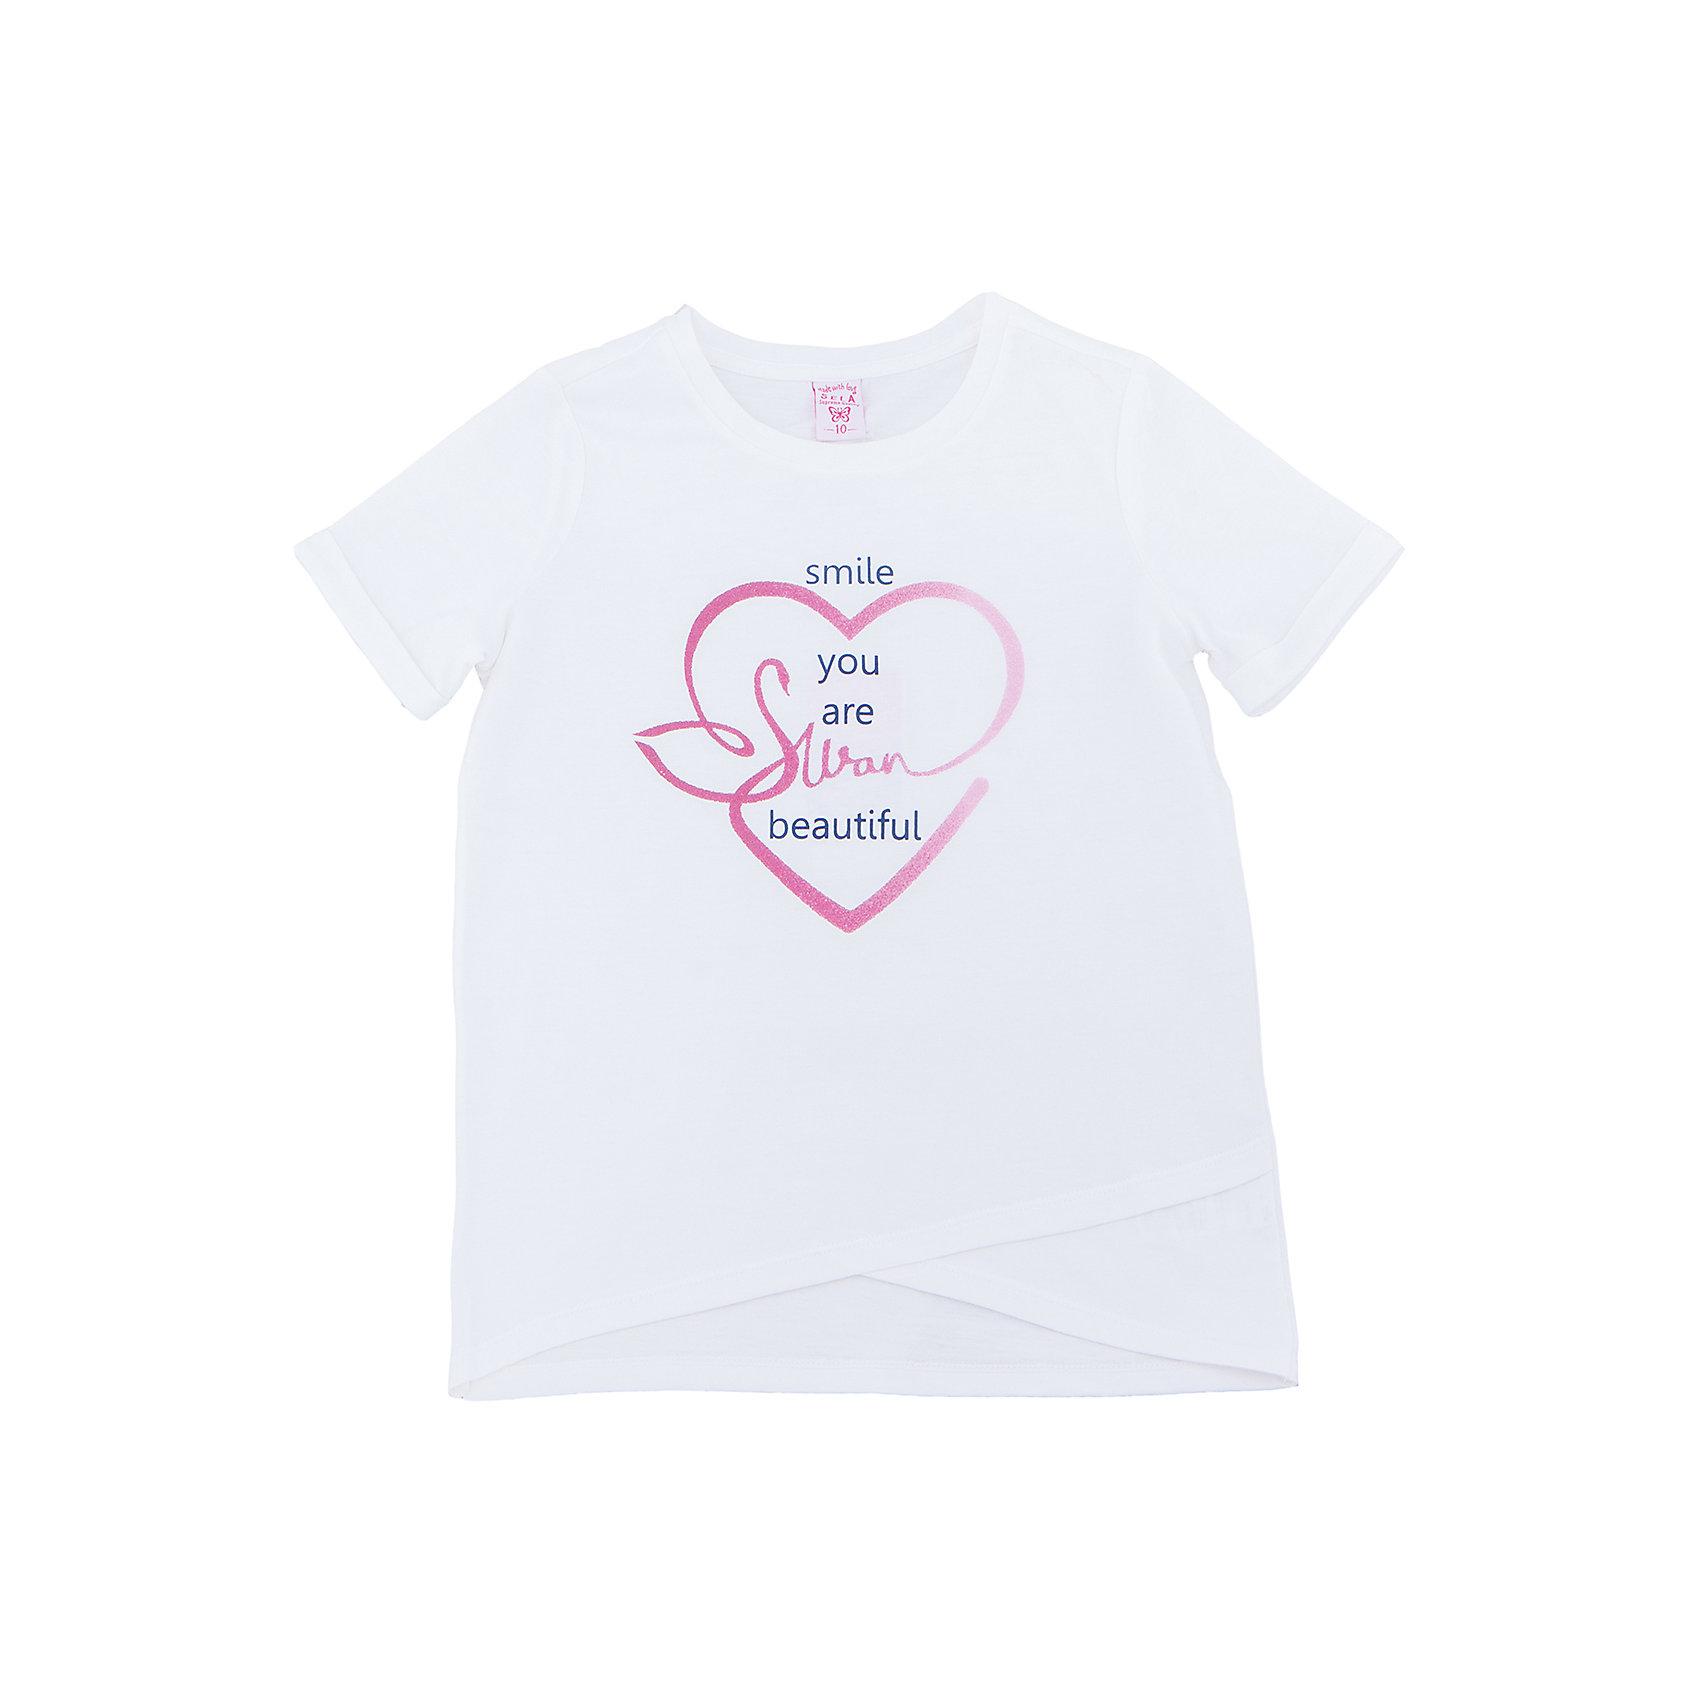 Футболка  для девочки SELAХарактеристики товара:<br><br>• цвет: белый<br>• состав: 100% хлопок<br>• декорирована принтом<br>• короткие рукава<br>• округлый горловой вырез<br>• коллекция весна-лето 2017<br>• страна бренда: Российская Федерация<br><br>В новой коллекции SELA отличные модели одежды! Эта футболка для девочки поможет разнообразить гардероб ребенка и обеспечить комфорт. Она отлично сочетается с юбками и брюками. Удобная базовая вещь!<br><br>Одежда, обувь и аксессуары от российского бренда SELA не зря пользуются большой популярностью у детей и взрослых! Модели этой марки - стильные и удобные, цена при этом неизменно остается доступной. Для их производства используются только безопасные, качественные материалы и фурнитура. Новая коллекция поддерживает хорошие традиции бренда! <br><br>Футболку для девочки от популярного бренда SELA (СЕЛА) можно купить в нашем интернет-магазине.<br><br>Ширина мм: 230<br>Глубина мм: 40<br>Высота мм: 220<br>Вес г: 250<br>Цвет: молочный<br>Возраст от месяцев: 60<br>Возраст до месяцев: 72<br>Пол: Женский<br>Возраст: Детский<br>Размер: 116,122,128,134,140,146,152<br>SKU: 5303483